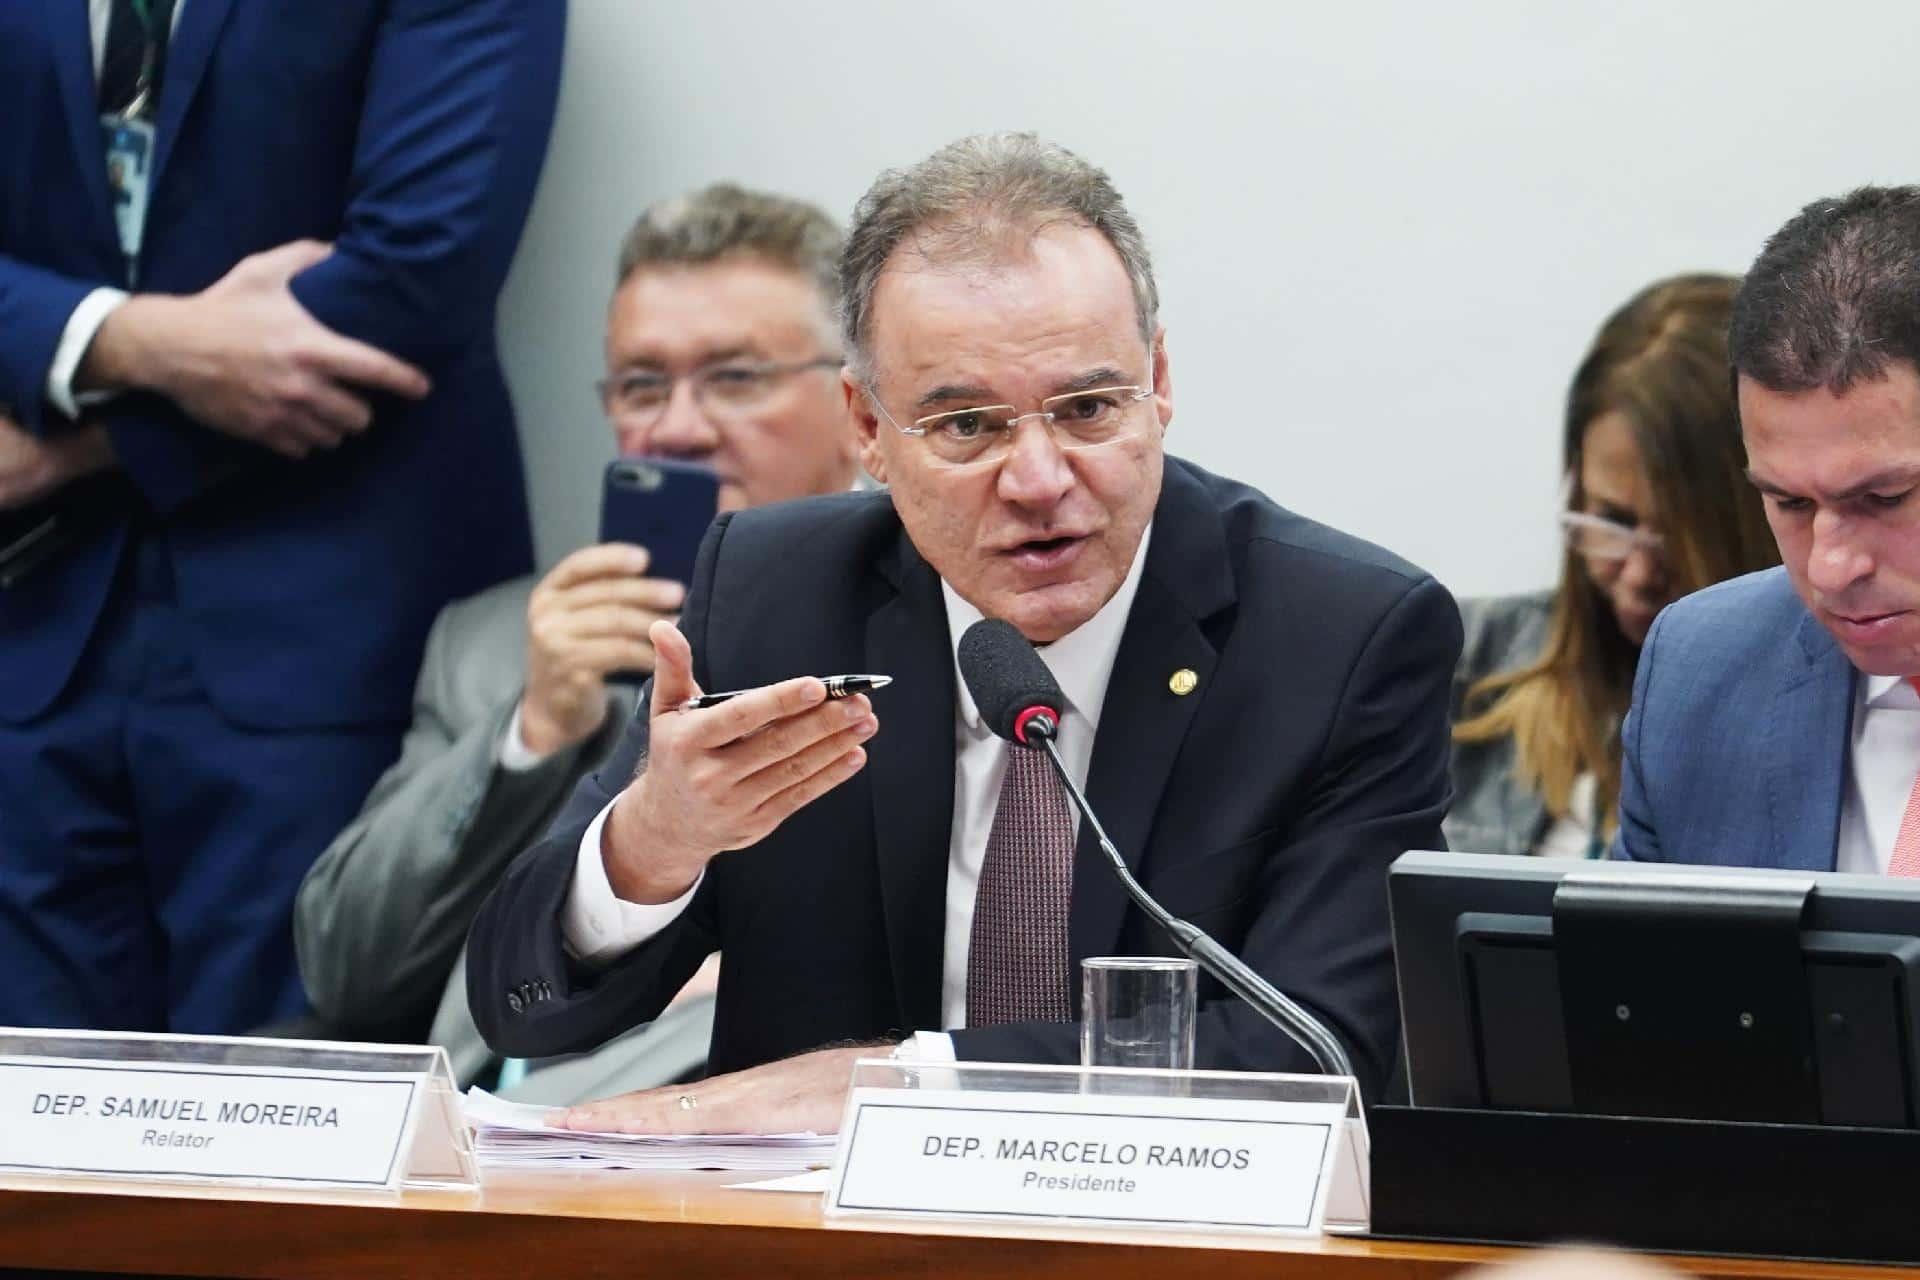 Reforma da Previdência: relator apresenta novo parecer. Veja as principais mudanças.